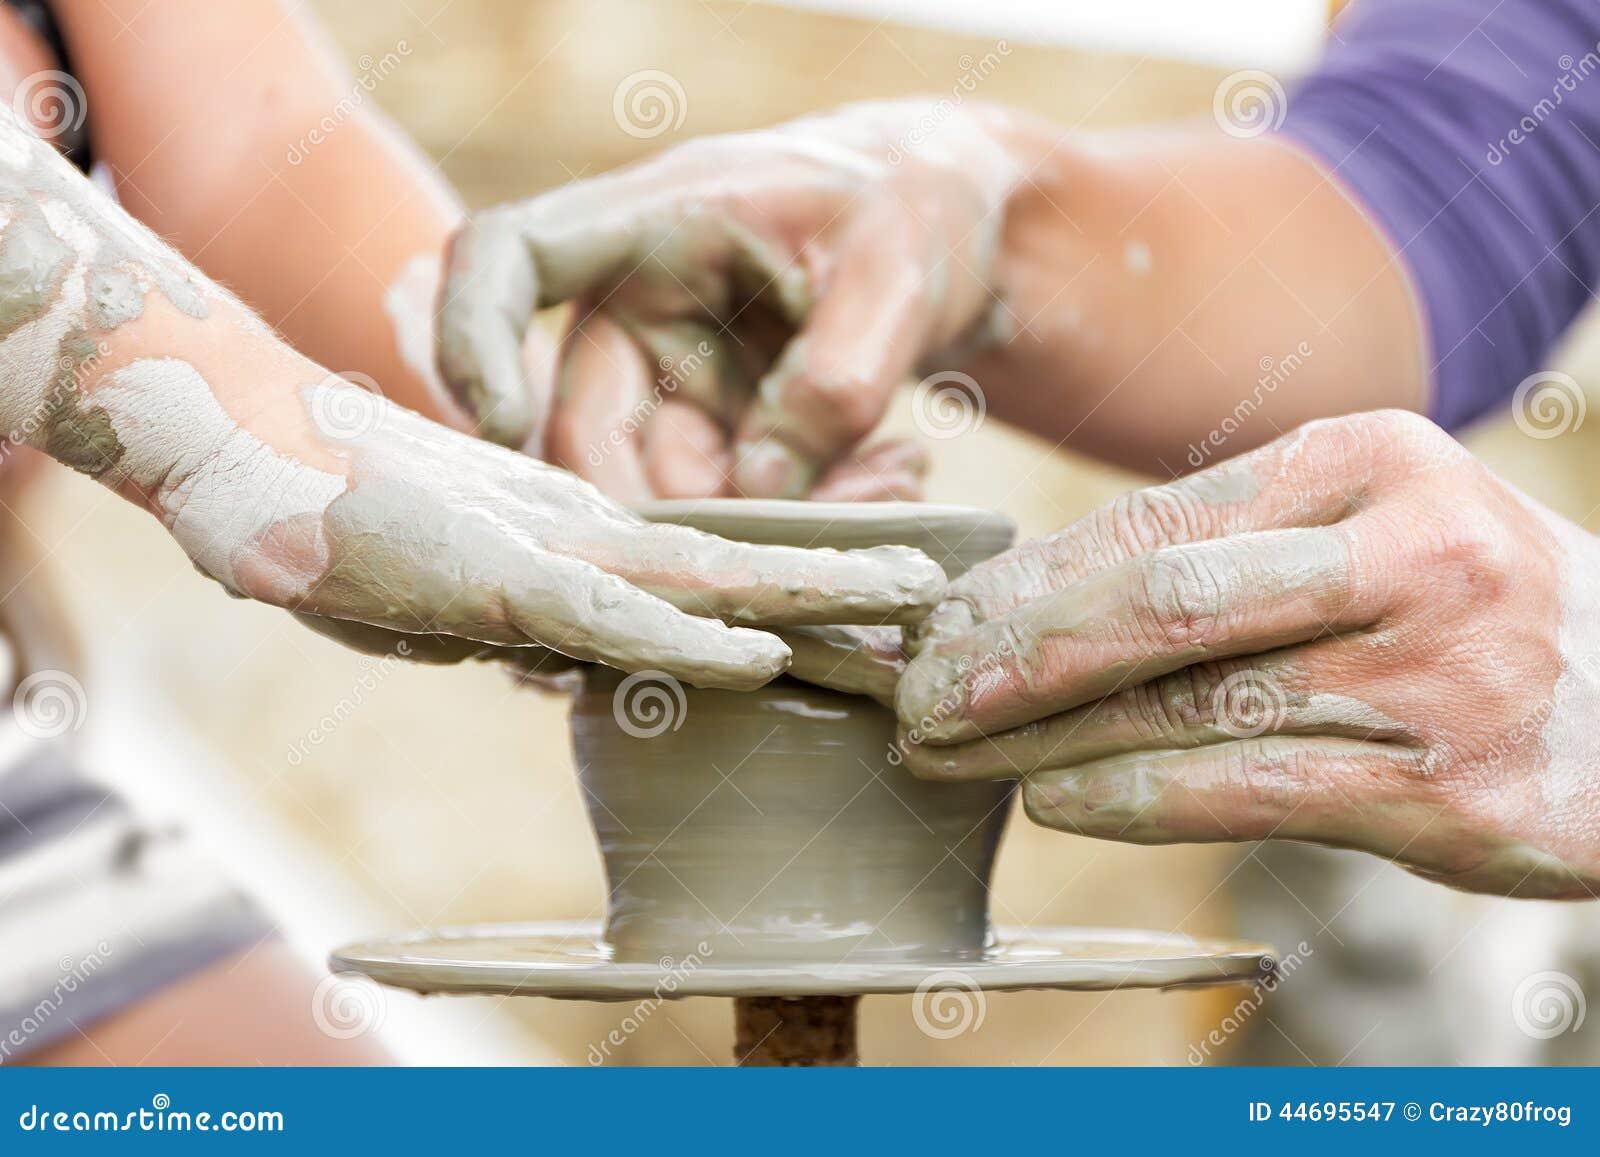 Enfant apprenant comment faire un pot vieux potier h image stock image du people pi ce 44695547 - Tour de potier manuel ...